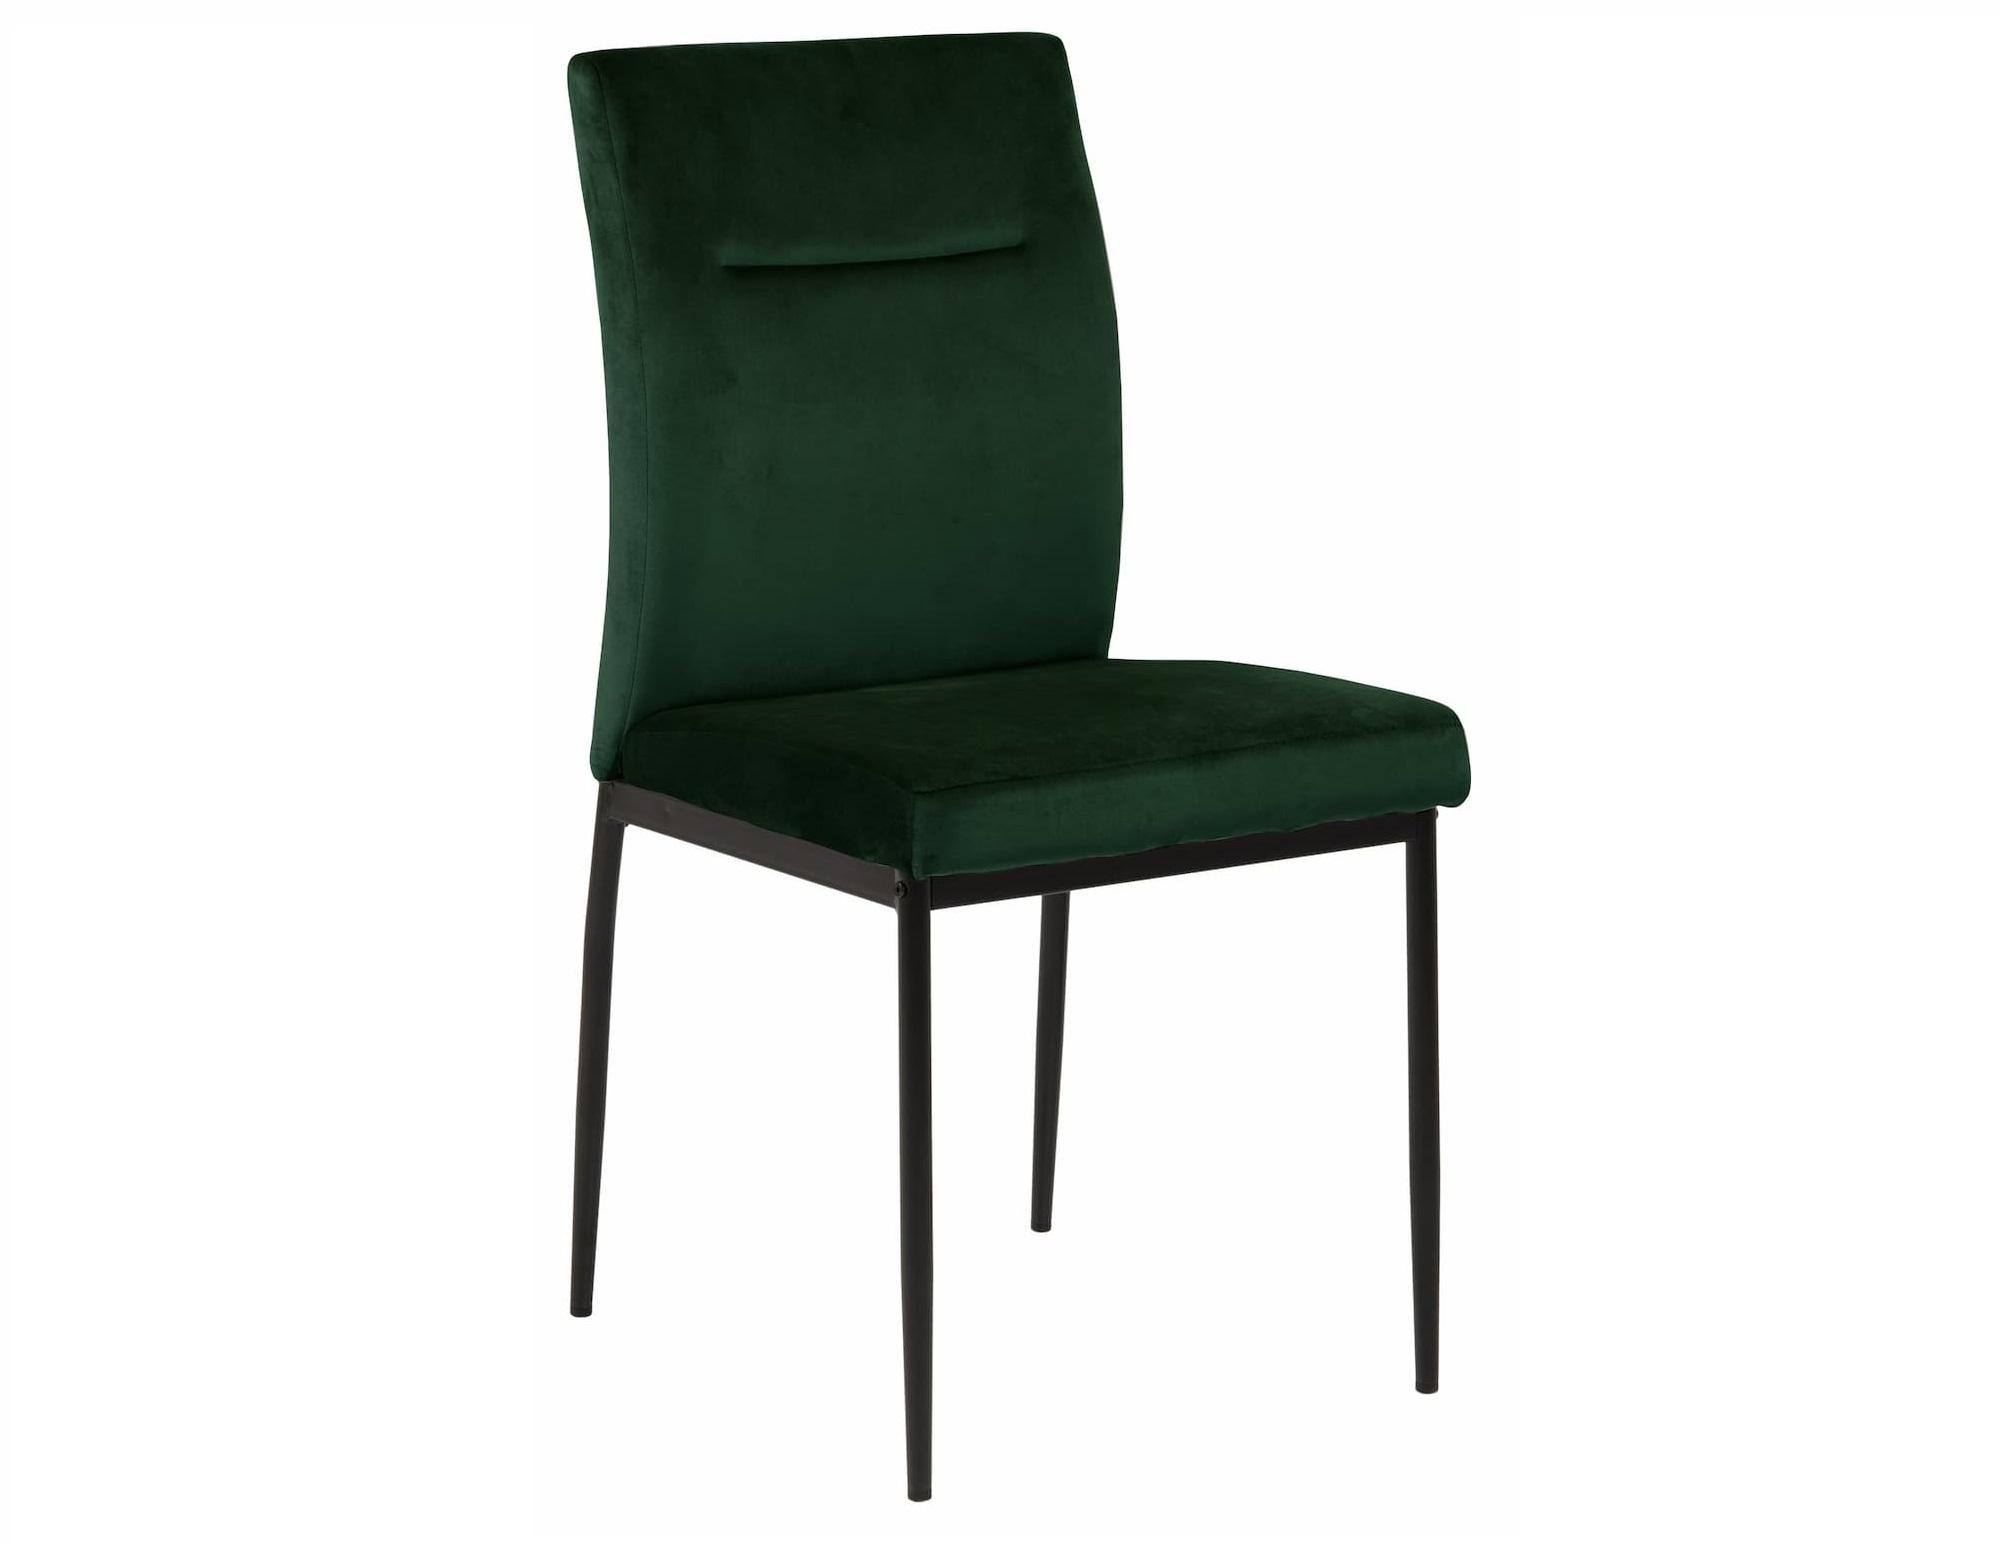 Scaun tapitat cu stofa si picioare metalice Demi Verde inchis / Negru, l45xA55xH90,5 cm